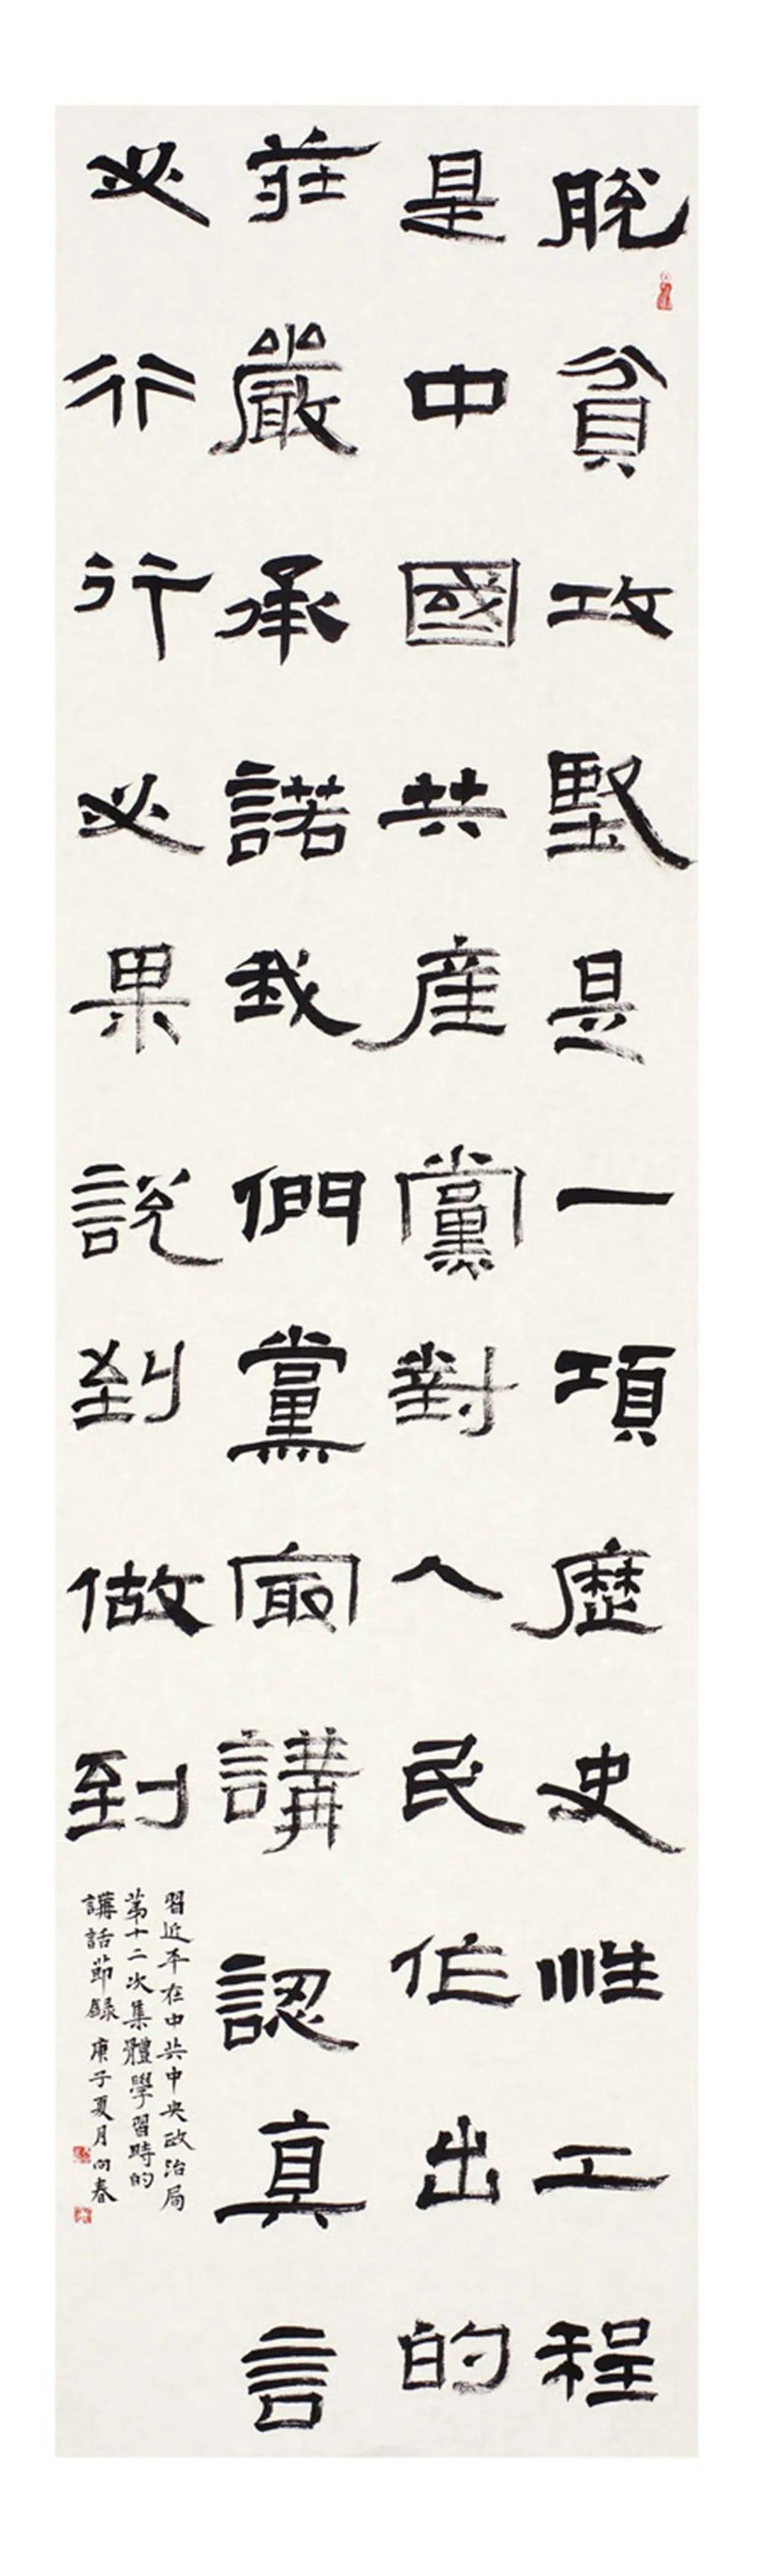 中国力量——全国扶贫书法大展作品 | 第一篇章 :人民至上(图42)